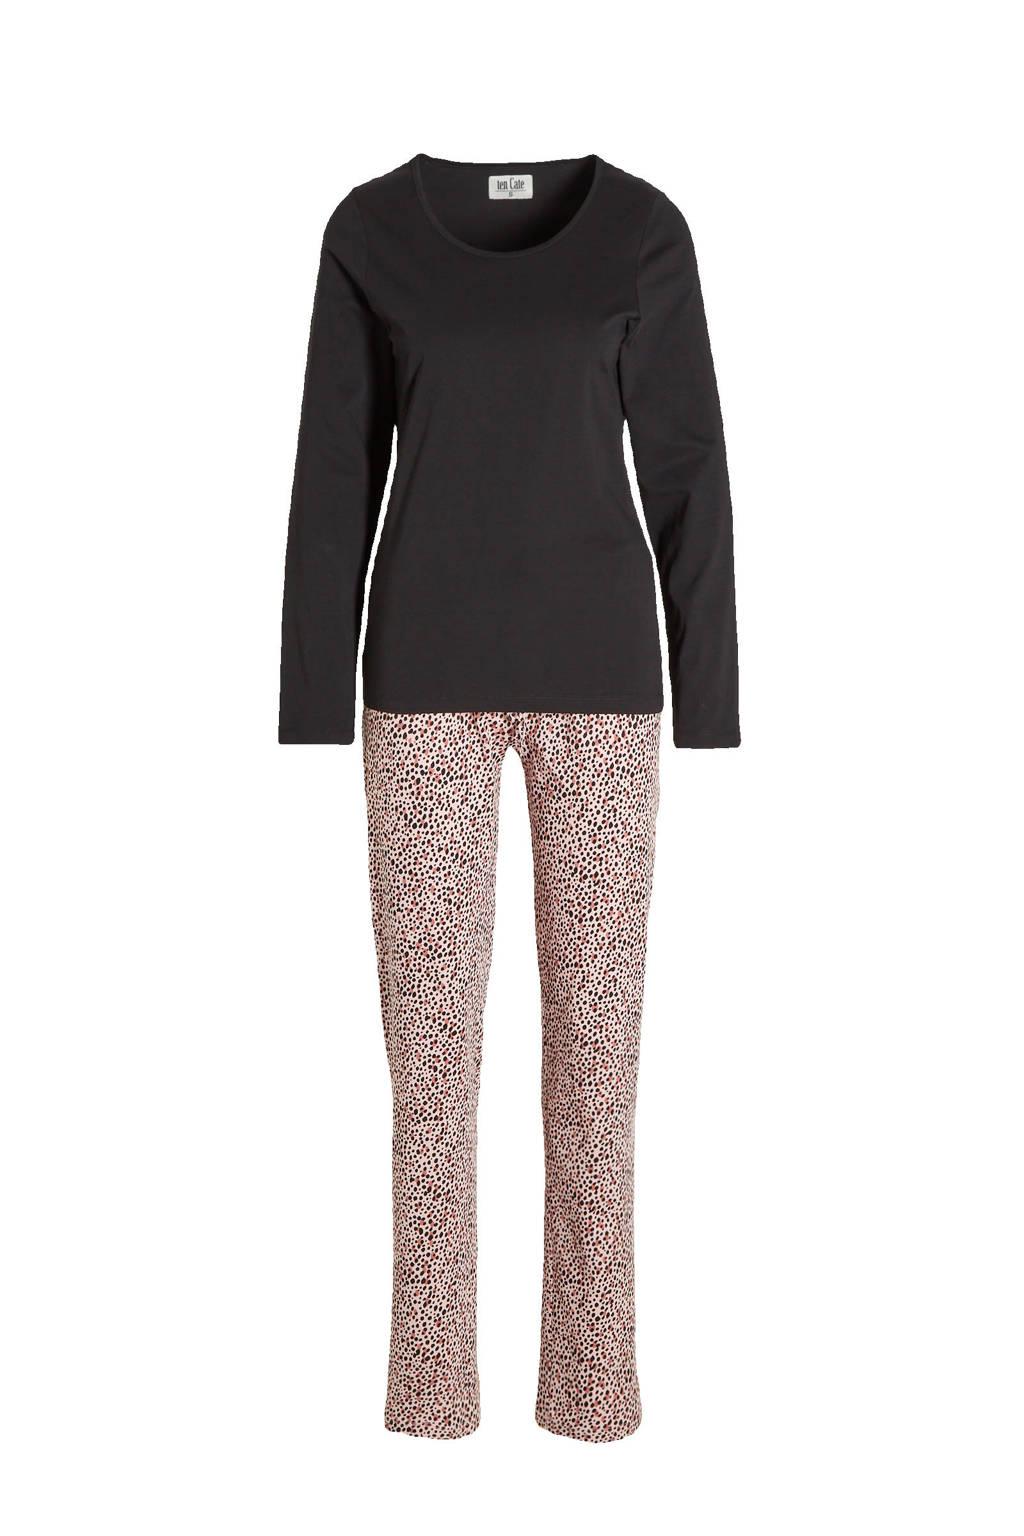 ten Cate pyjama met all over print zwart/roze, Zwart/roze